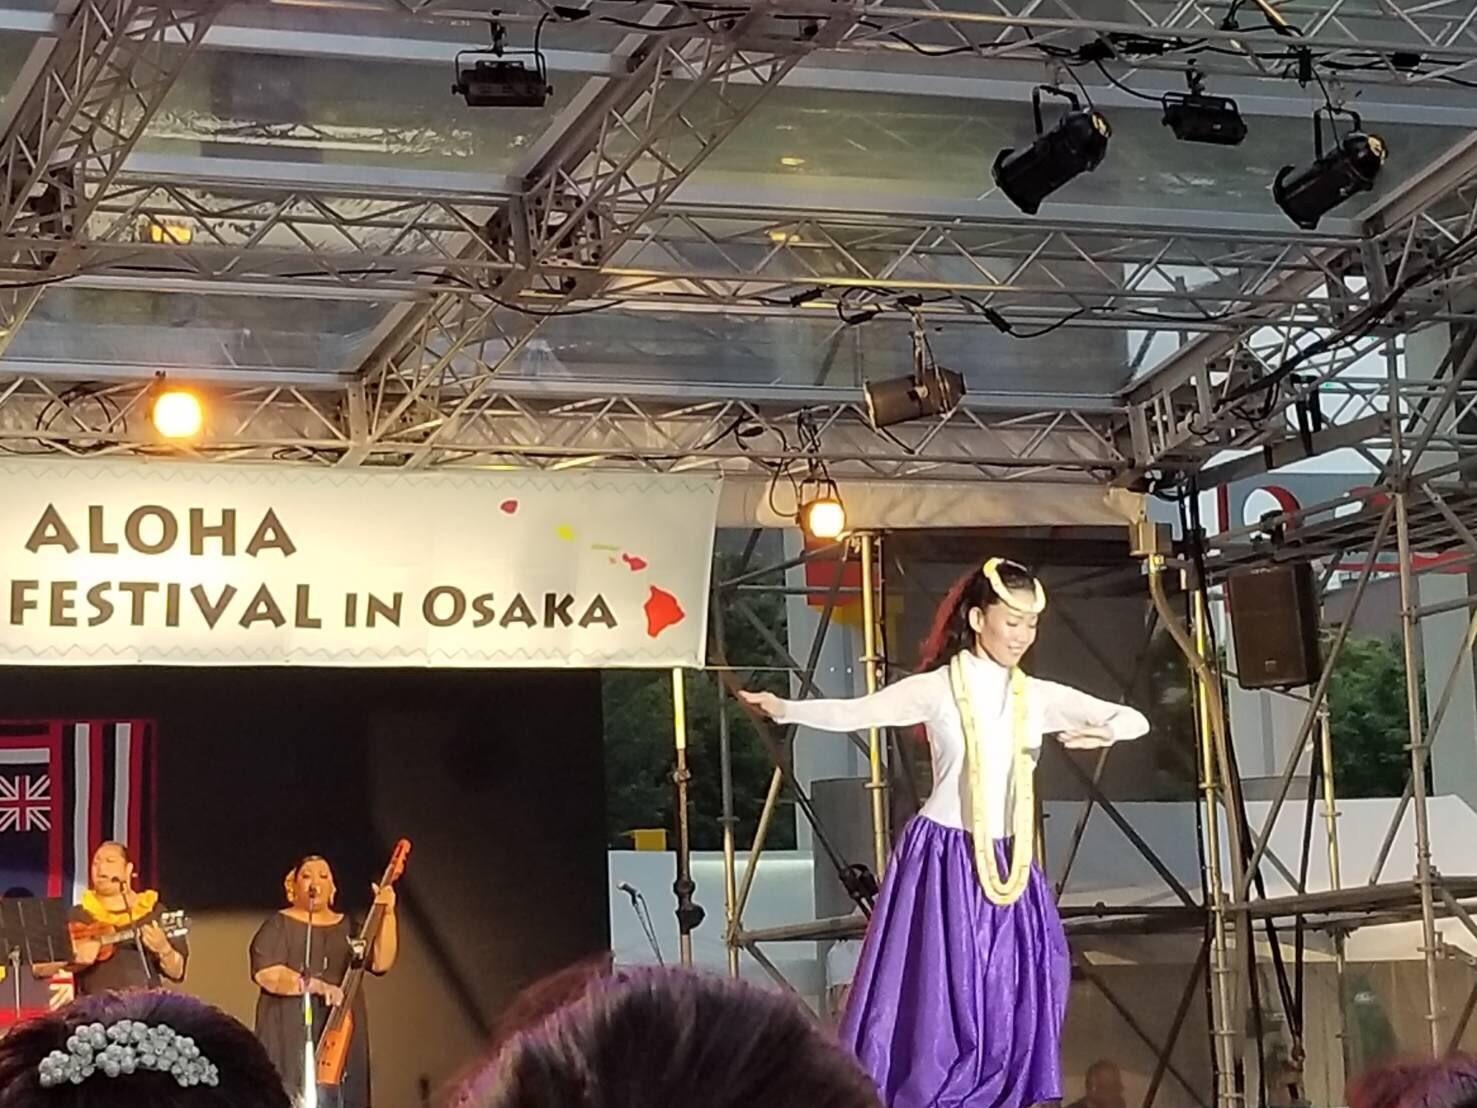 2018年5月18日(金) Aloha Summer Festival in Osaka 2018 ソロ